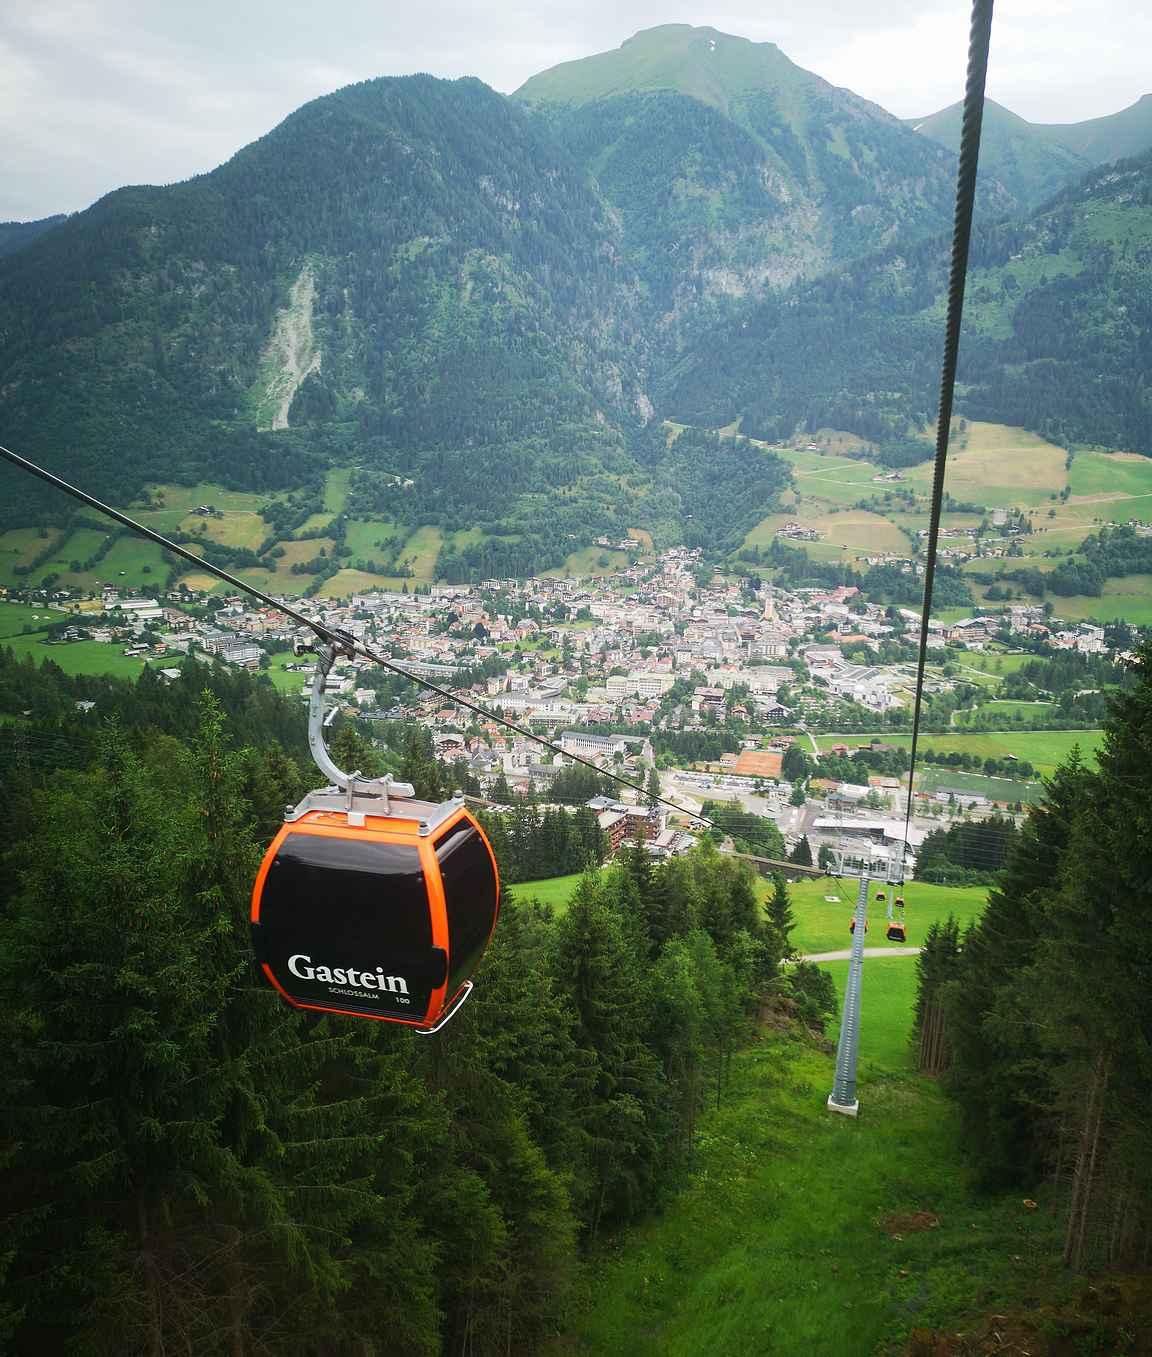 Bad Hofgasteinista noustaa uudella kabiinihissillä patikoimaan suoraan vuorille.